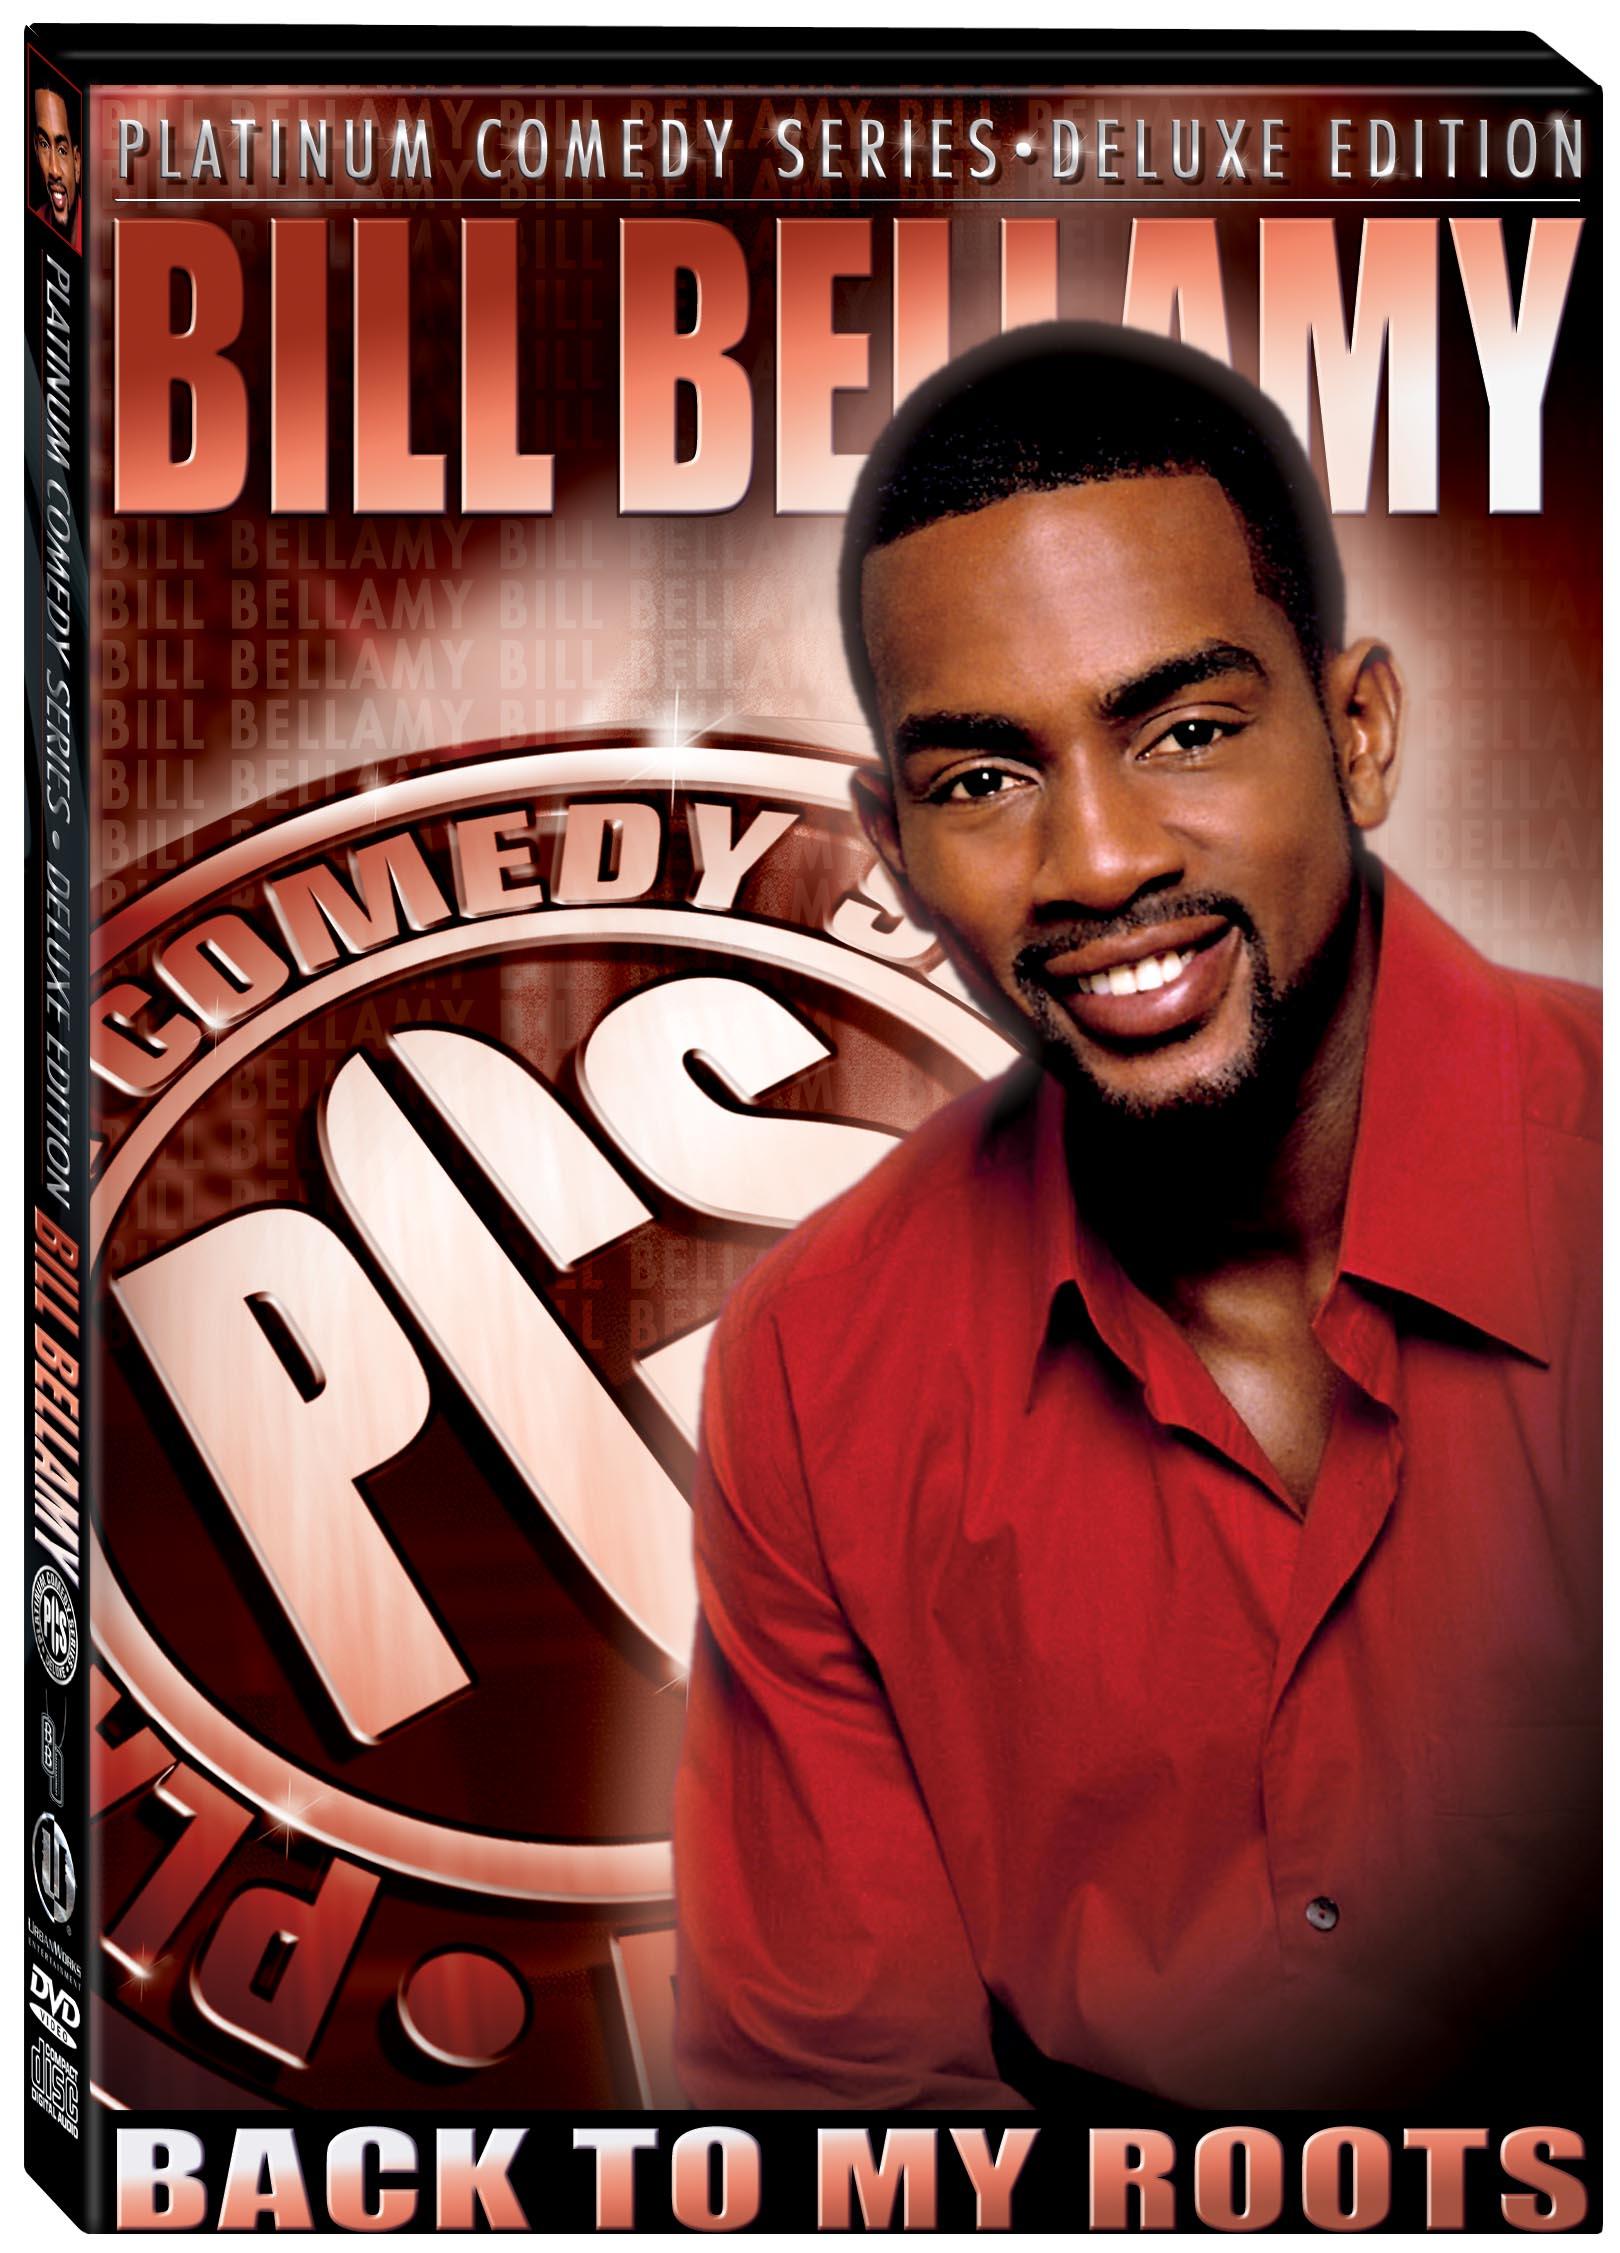 bill bellamy imdb